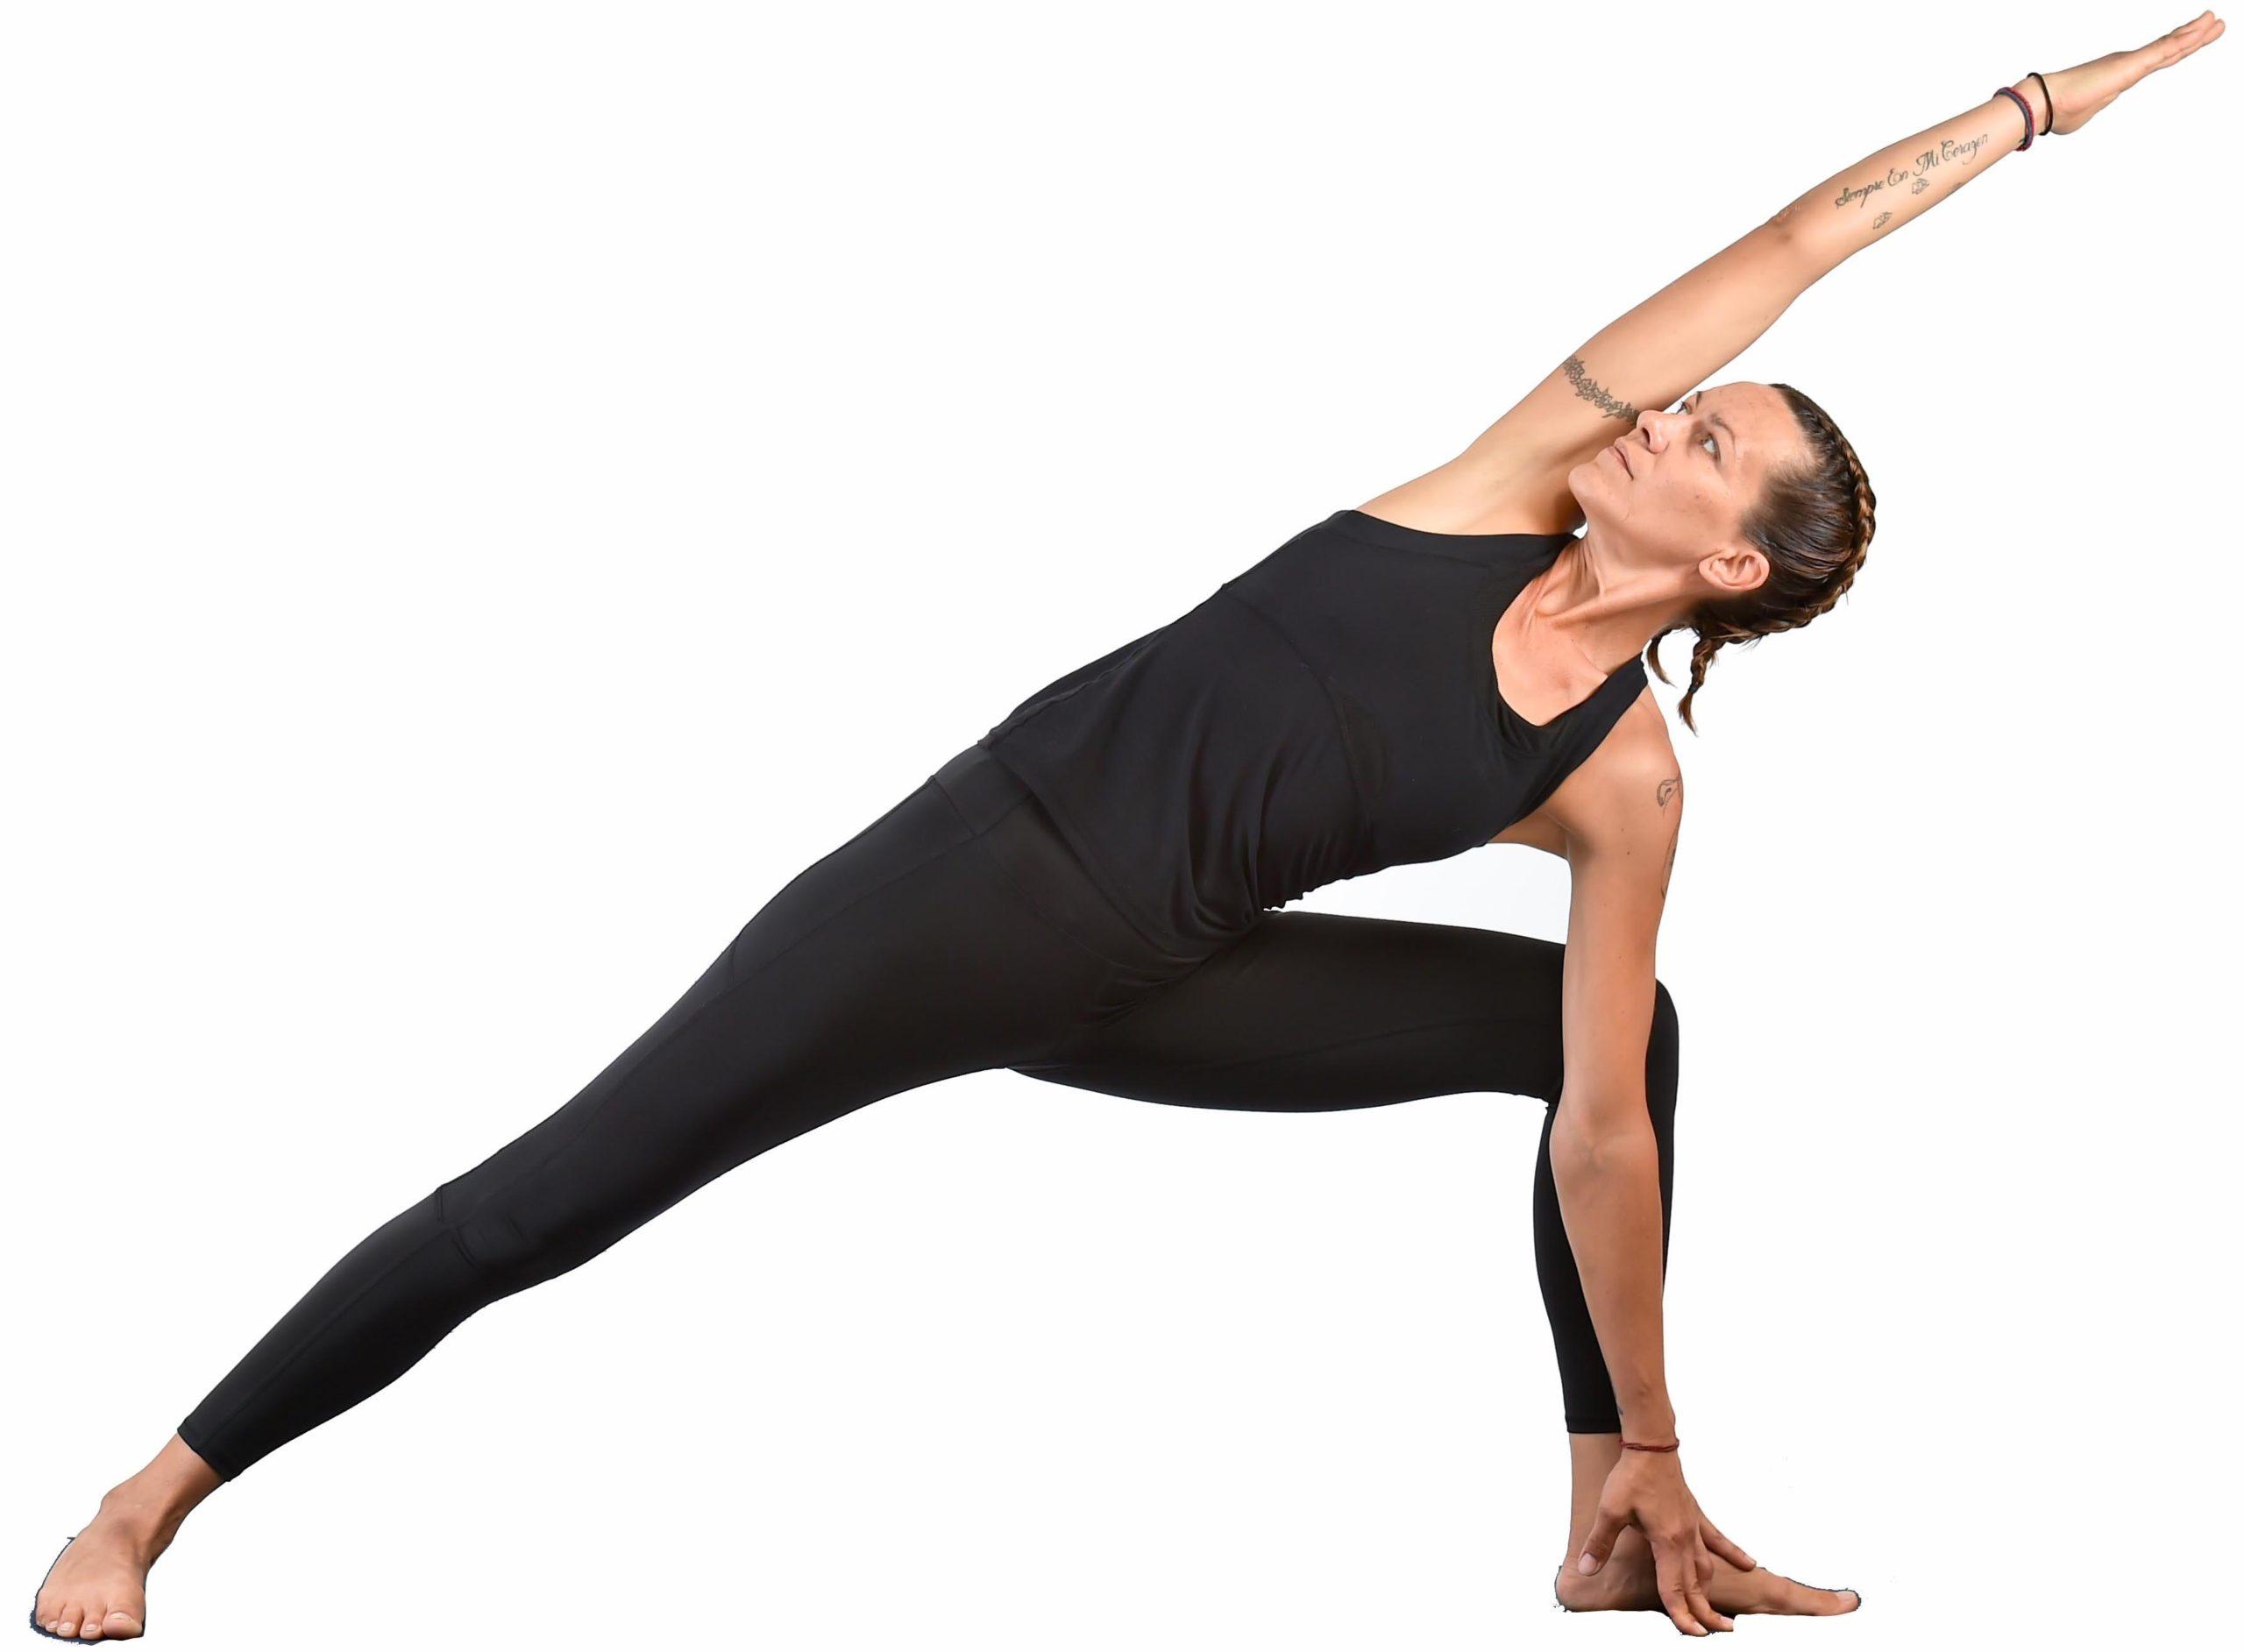 Marica Papaluoka - Instruktorka - osnovna obuka za isntruktore joge